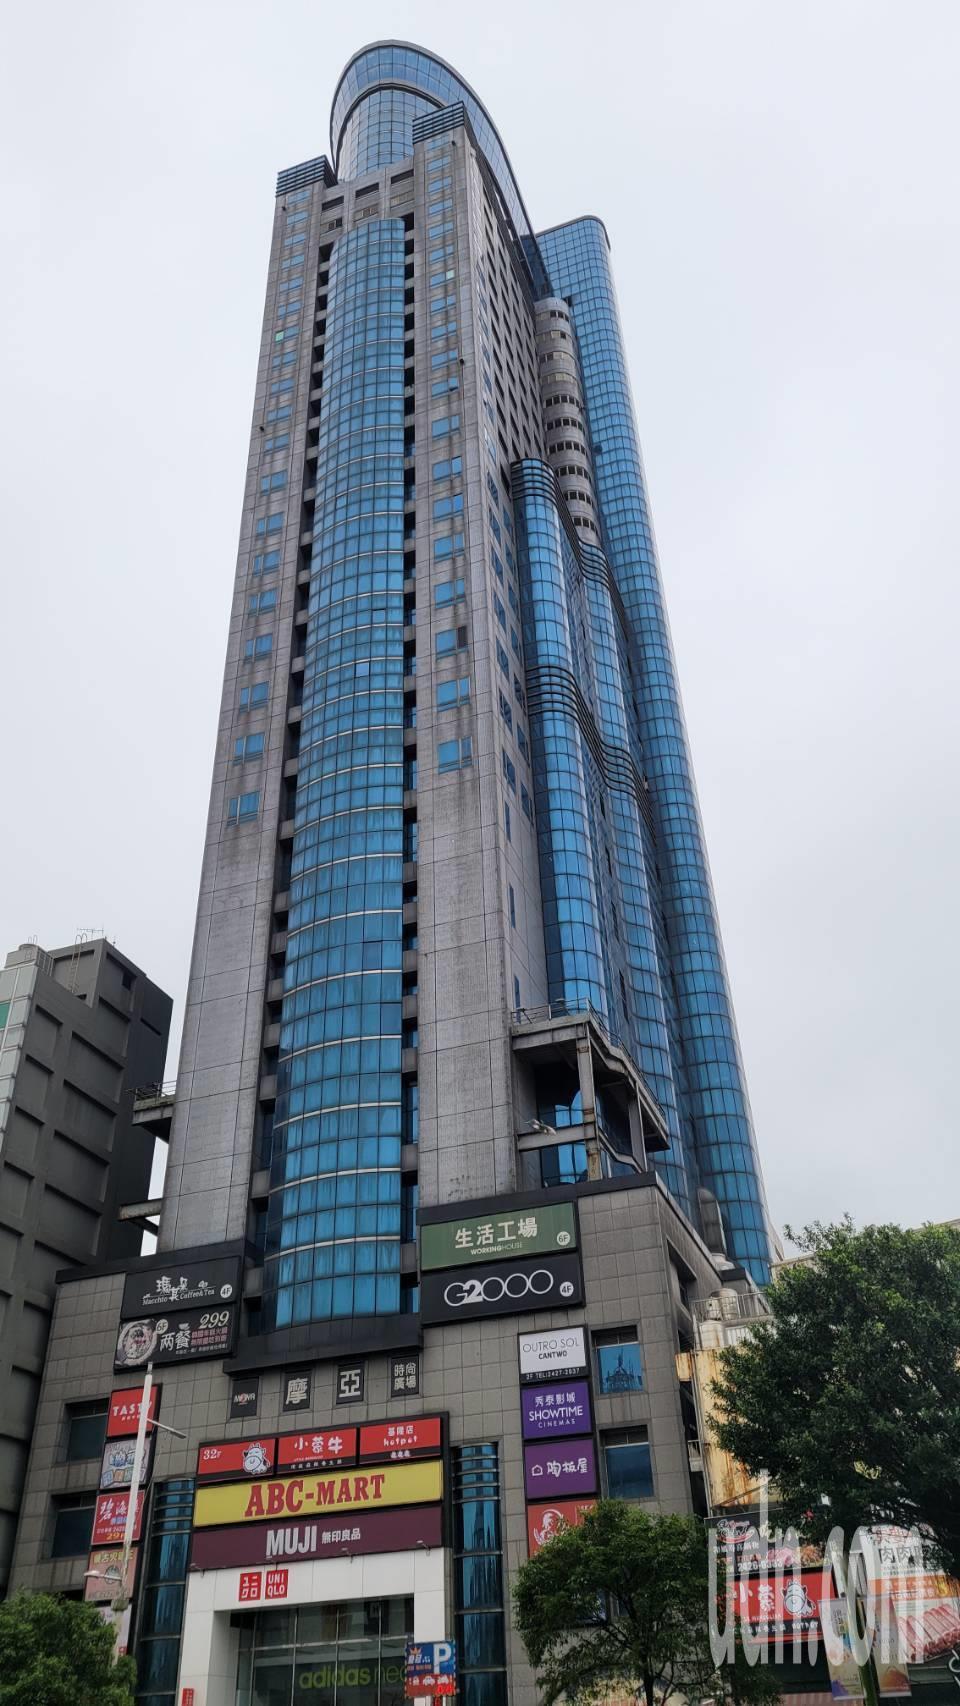 基隆最高樓「基隆皇冠」將標售,房仲看好底價上看20億。記者游明煌/攝影